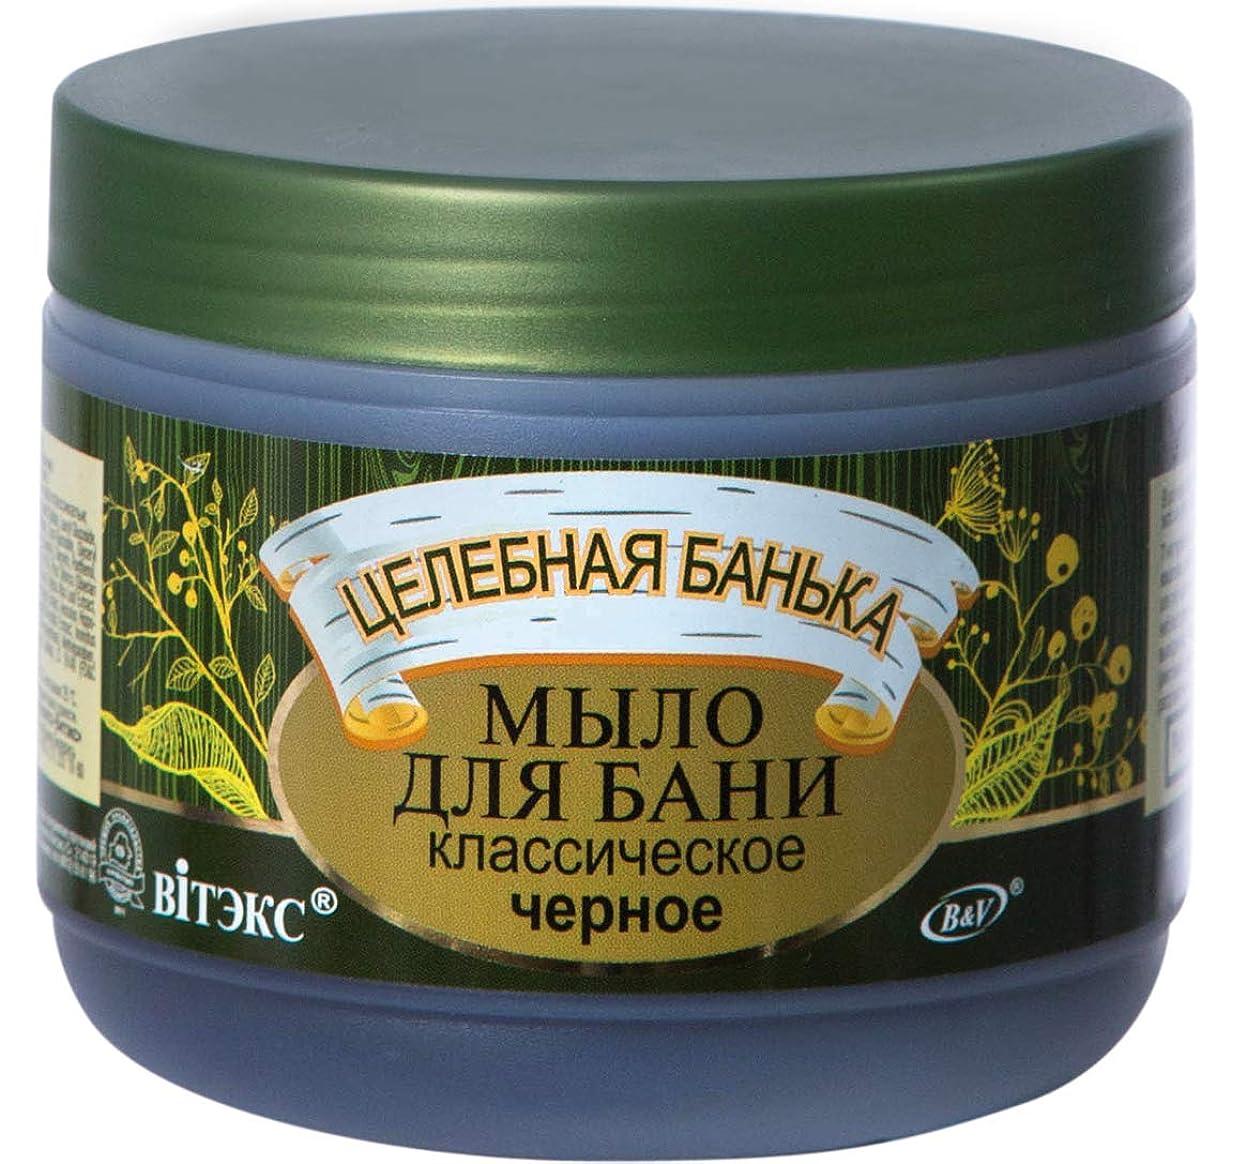 可塑性エンジニアマイクロプロセッサBIELITA & VITEX | Healing Bath | Classic Black Soap with 7 Natural Extracts